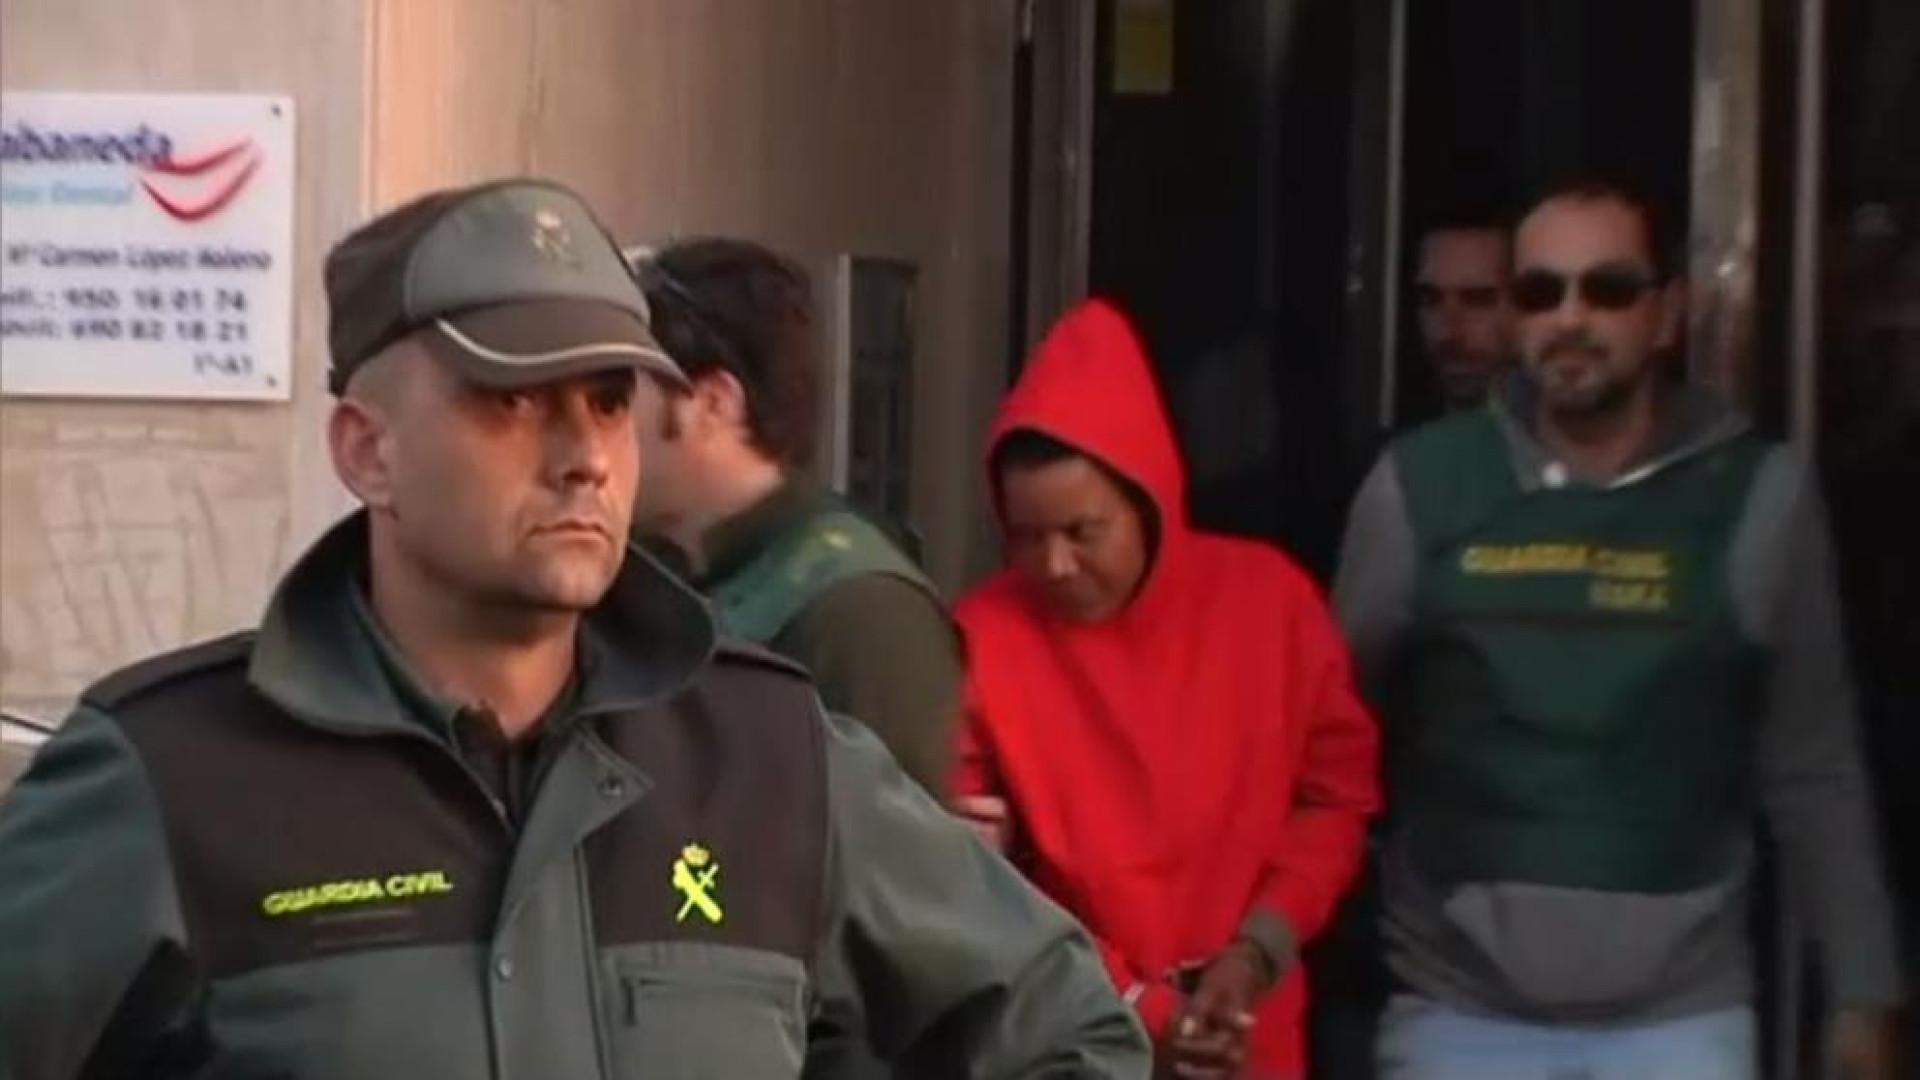 Ana Julia culpa Gabriel por golpe fatal para evitar pena máxima